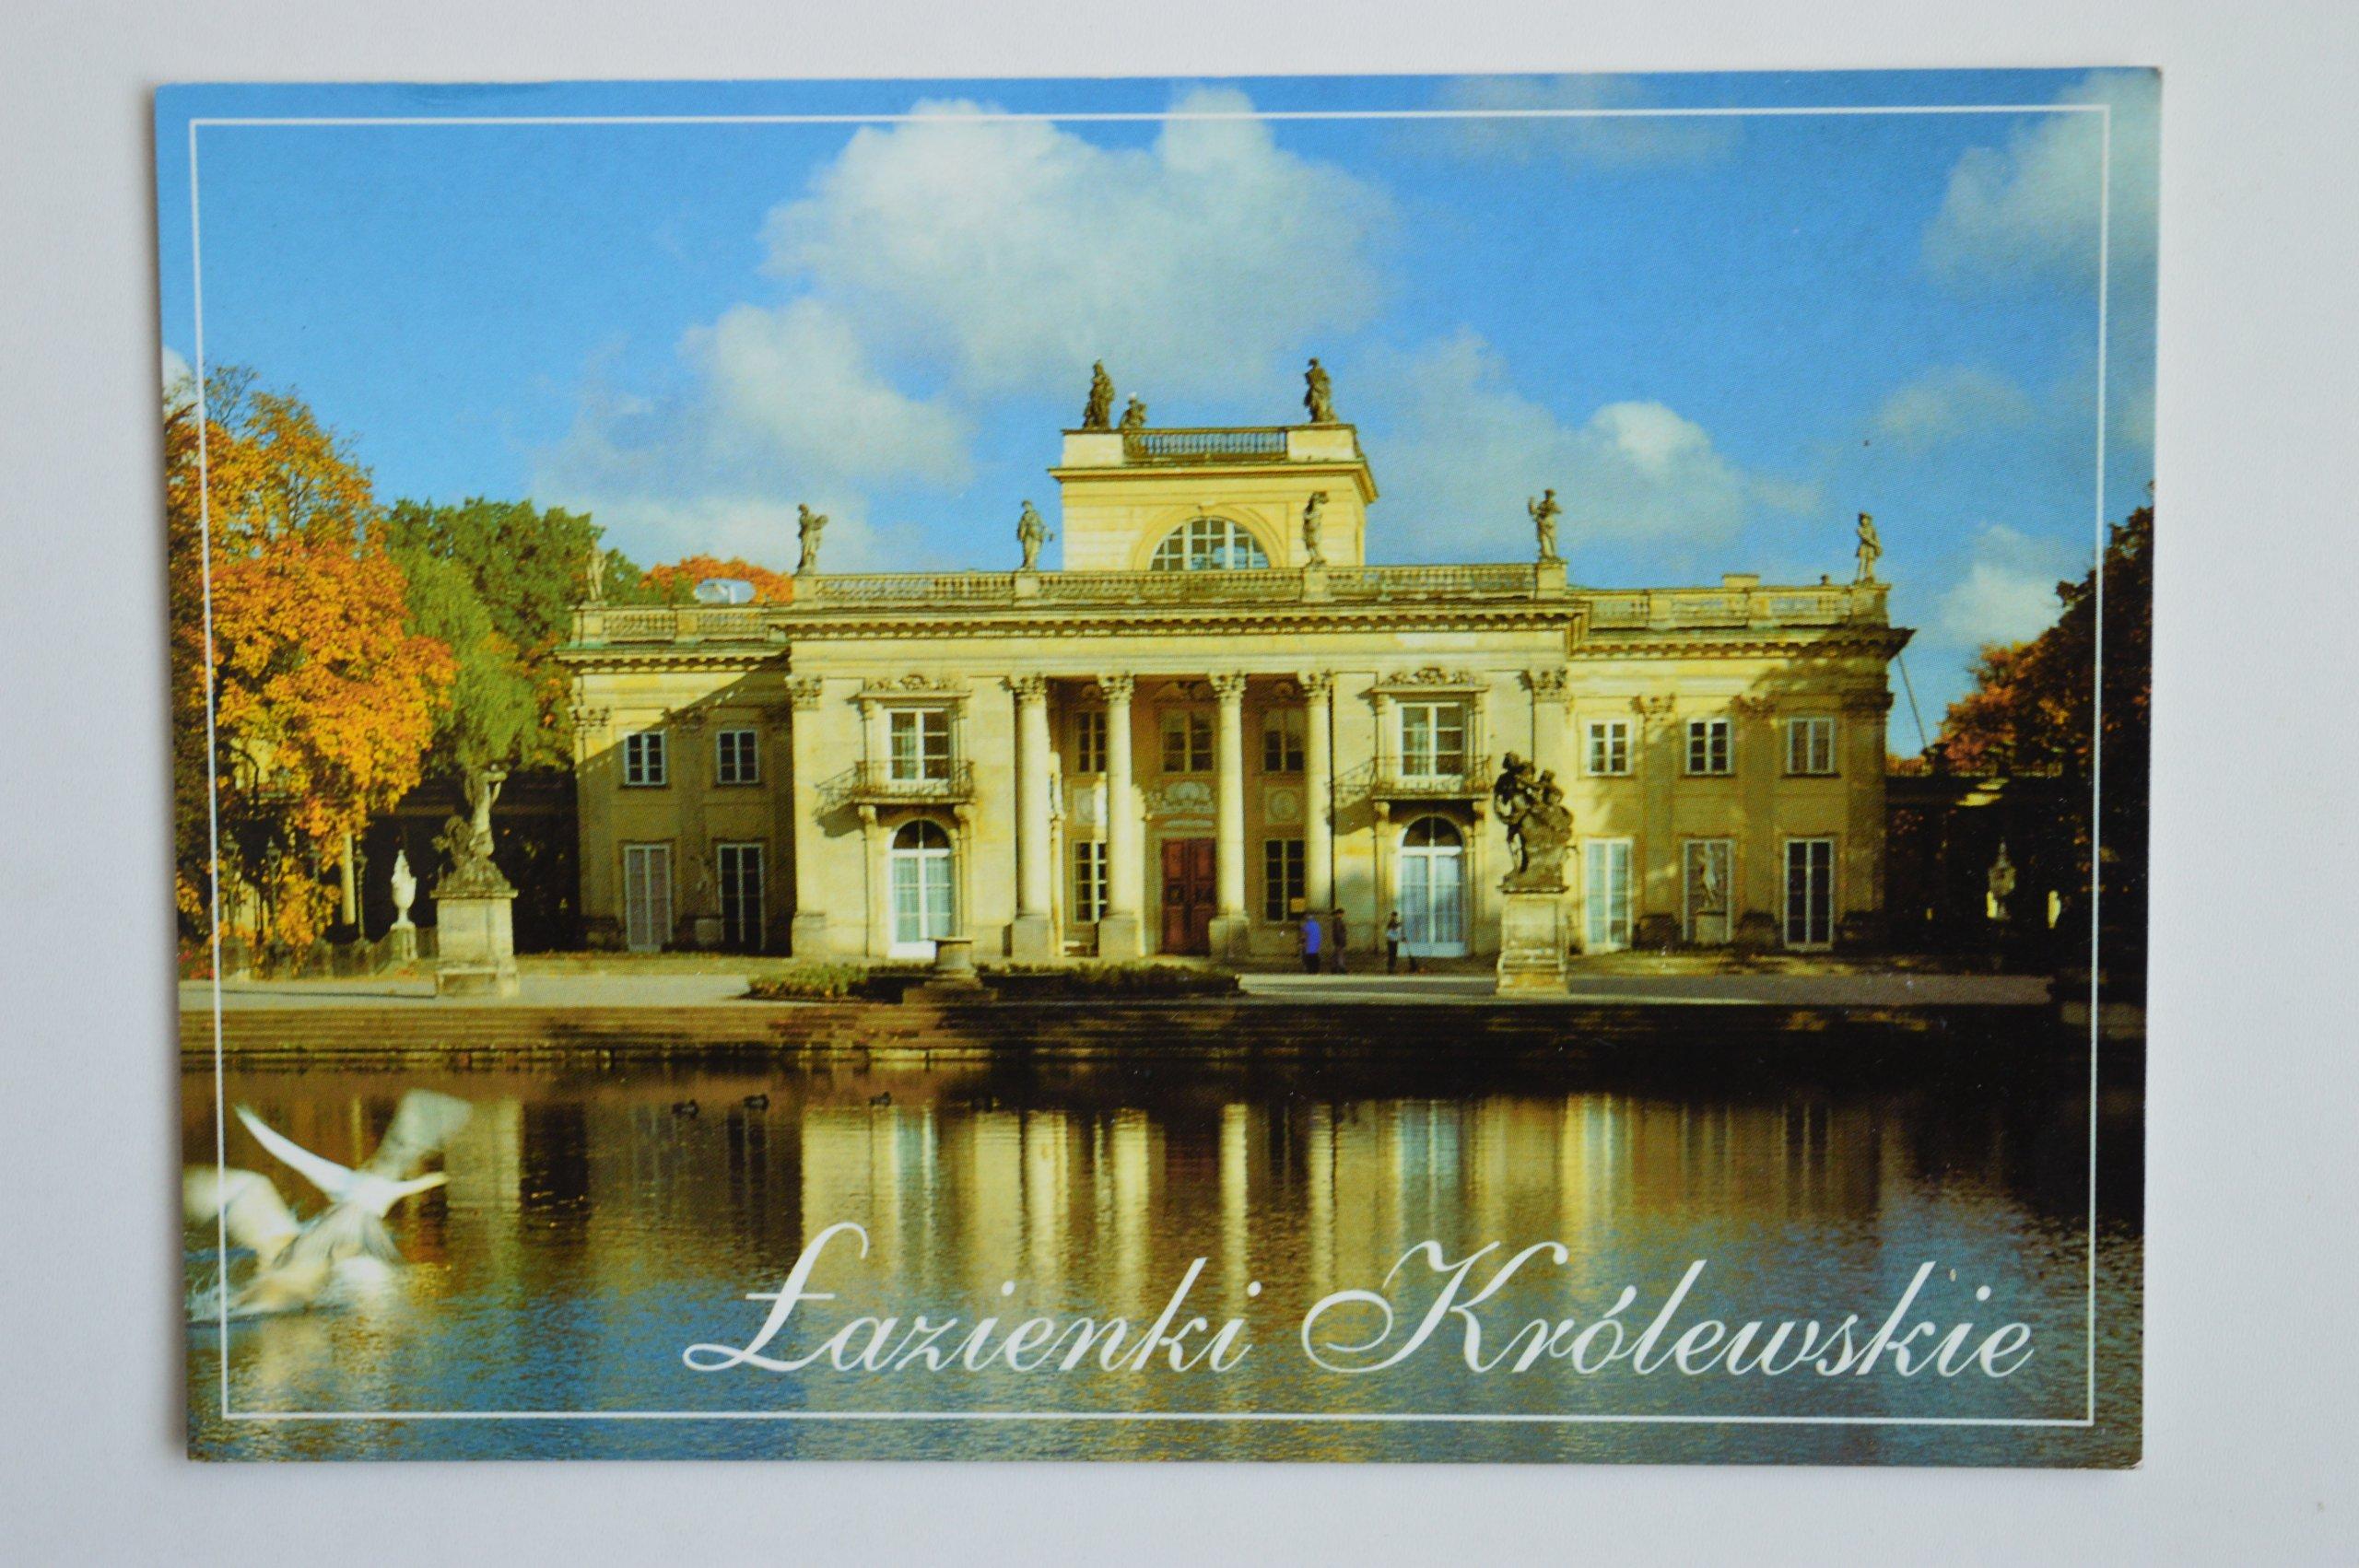 Warszawa łazienki Królewskie 7027495706 Oficjalne